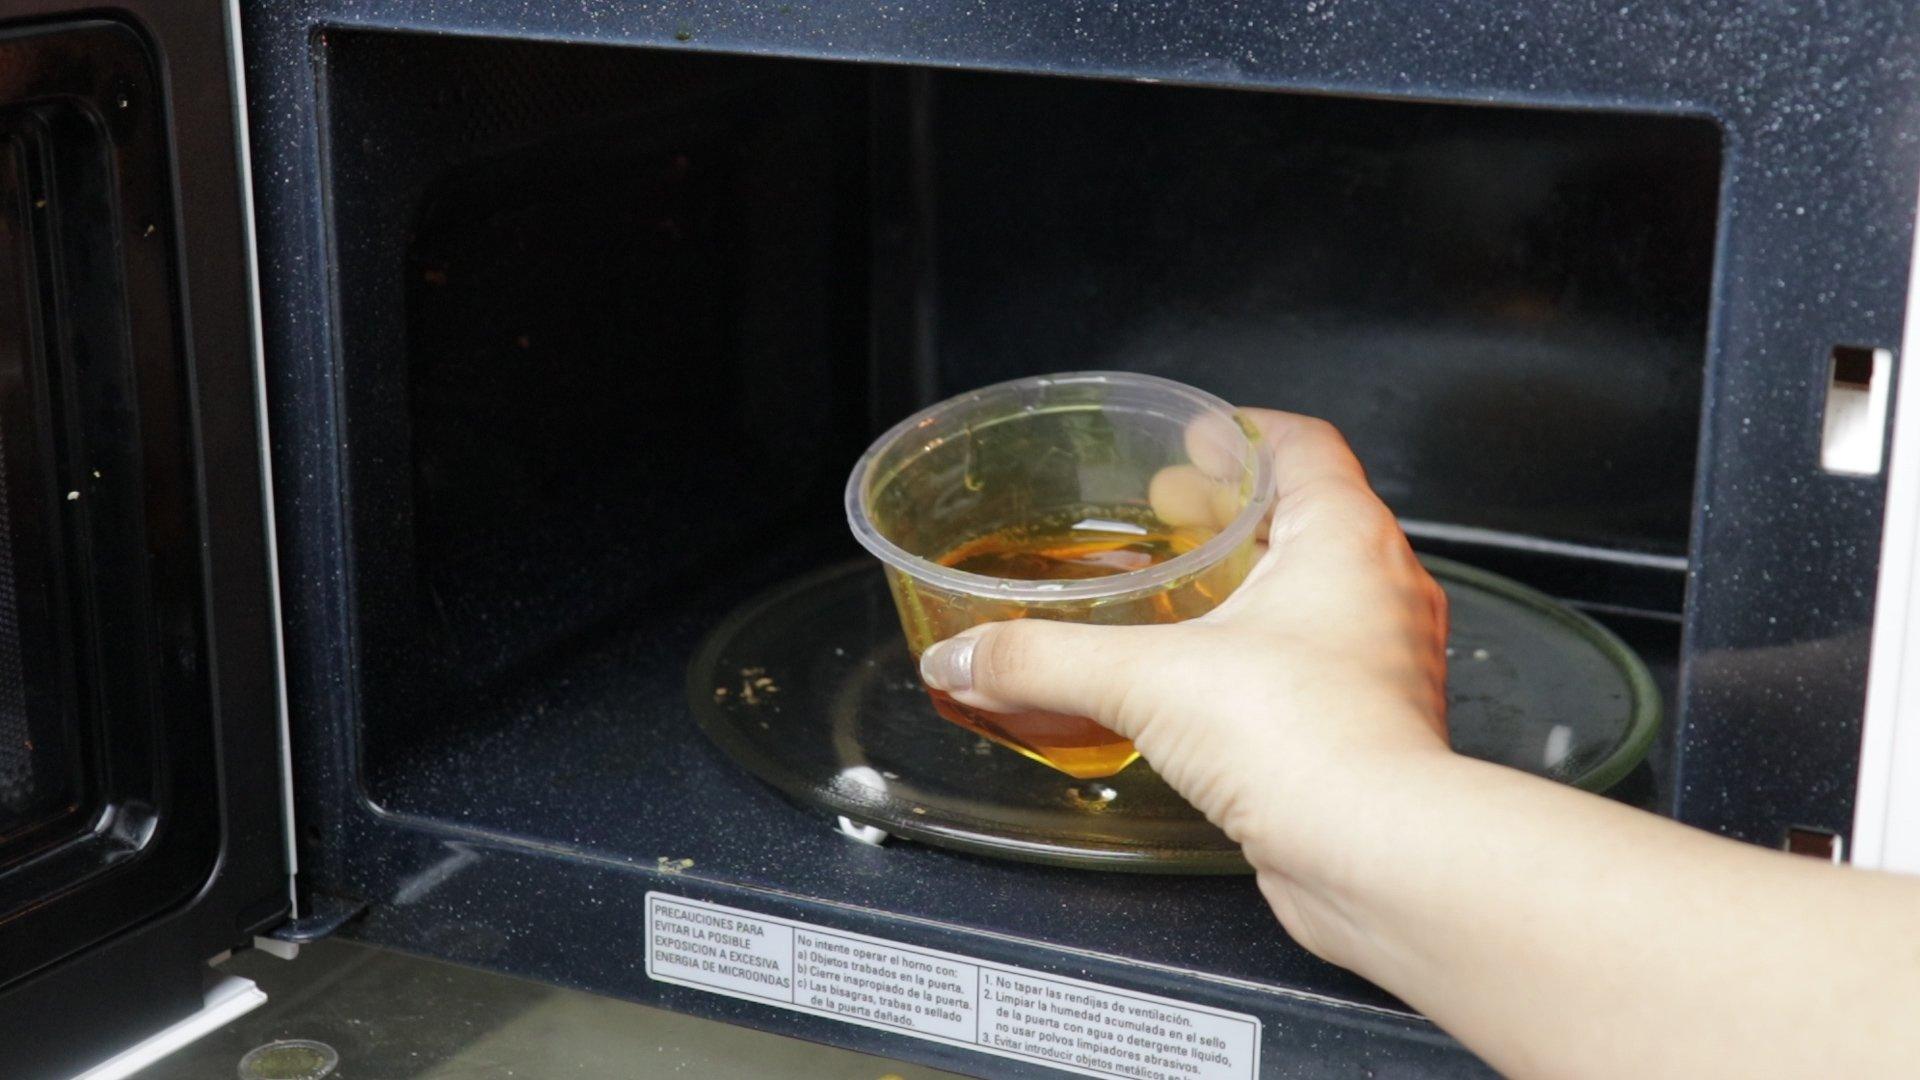 пасту для шугаринга с лимонной кислотой в микроволновке